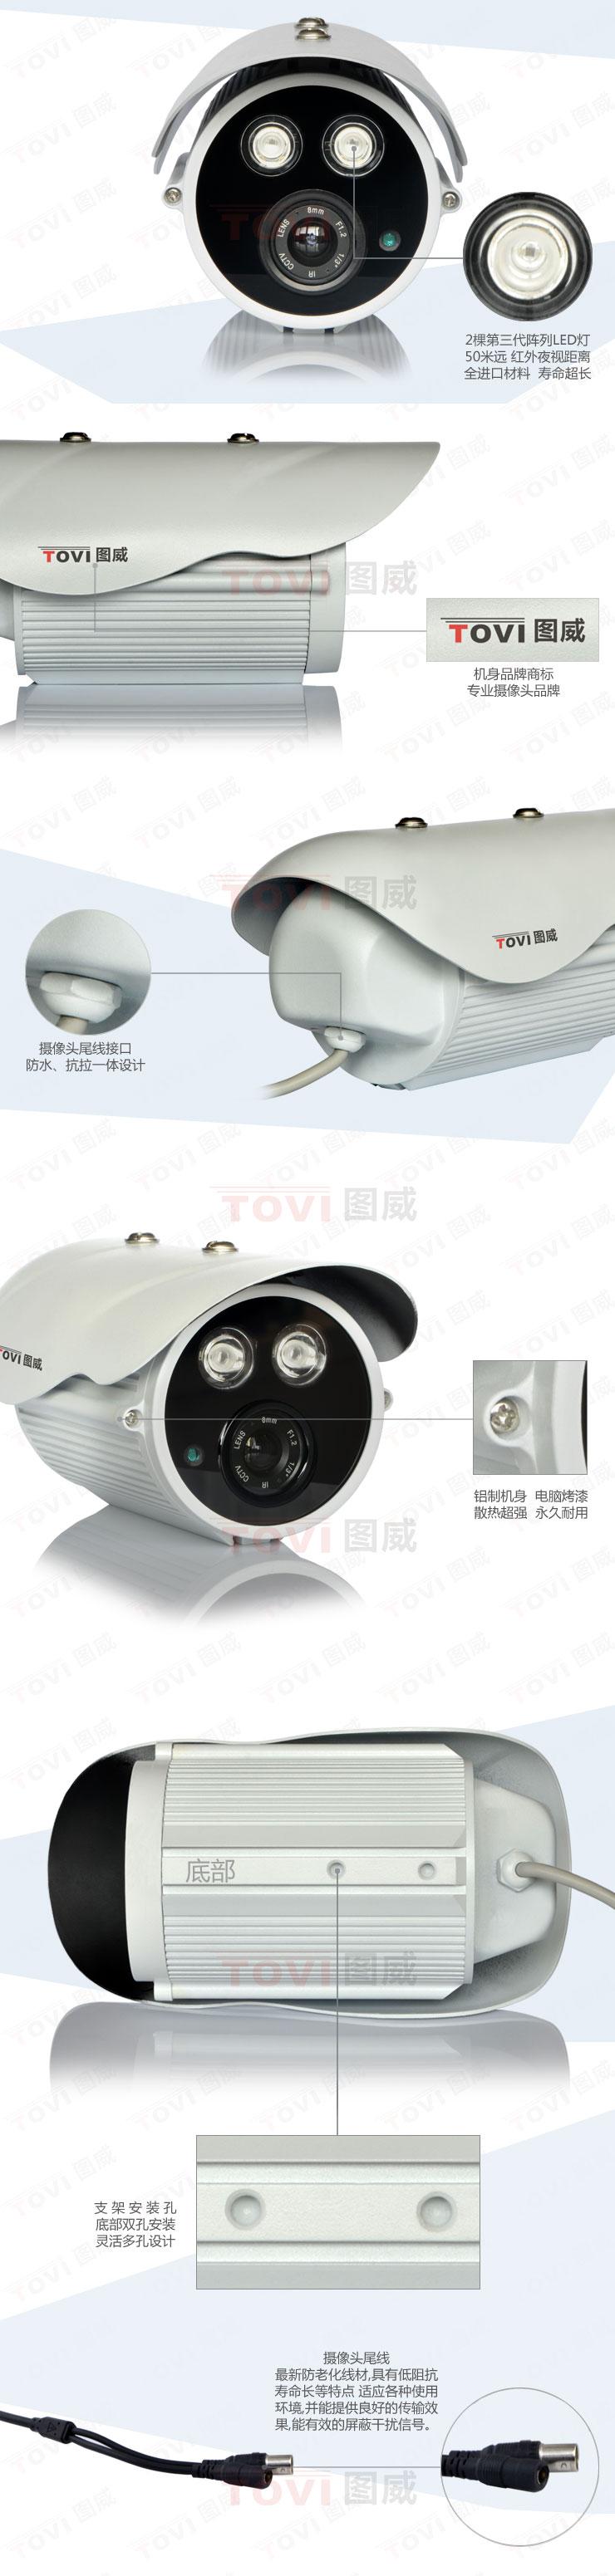 图威TV-CC2D15-IT5摄像机展示